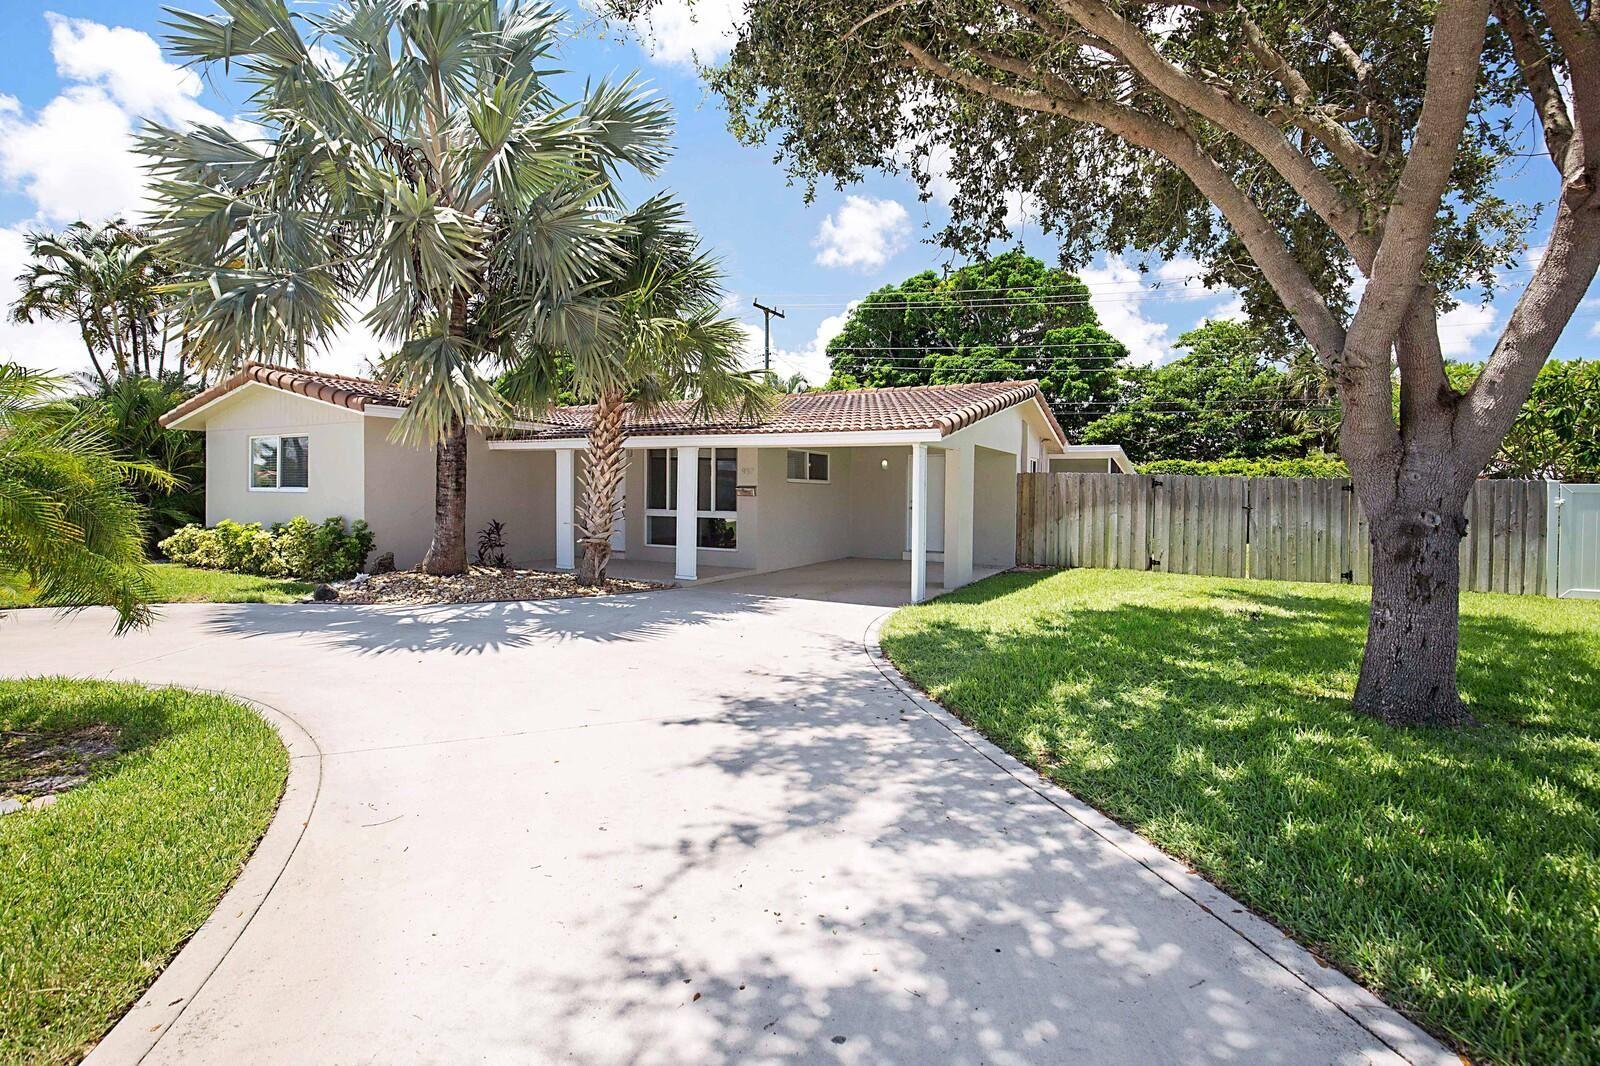 937 SW 9th Avenue, Boca Raton, FL 33486 - #: RX-10646017